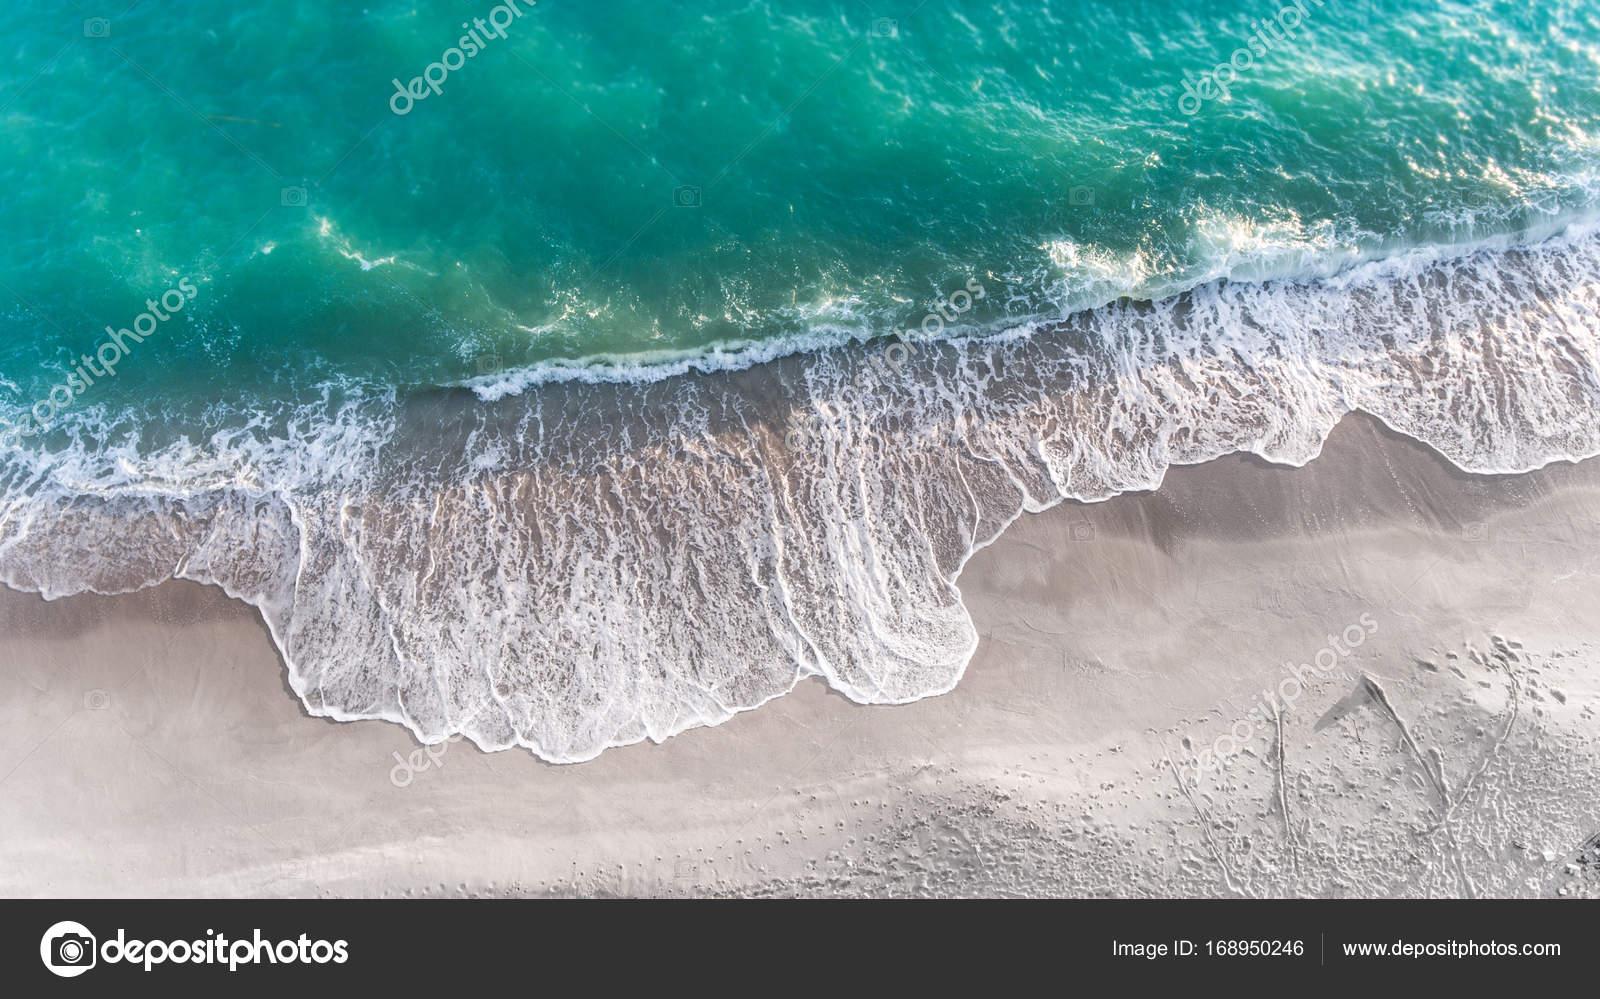 Mare spiaggia di sabbia e onda nellilluminazione del sole all